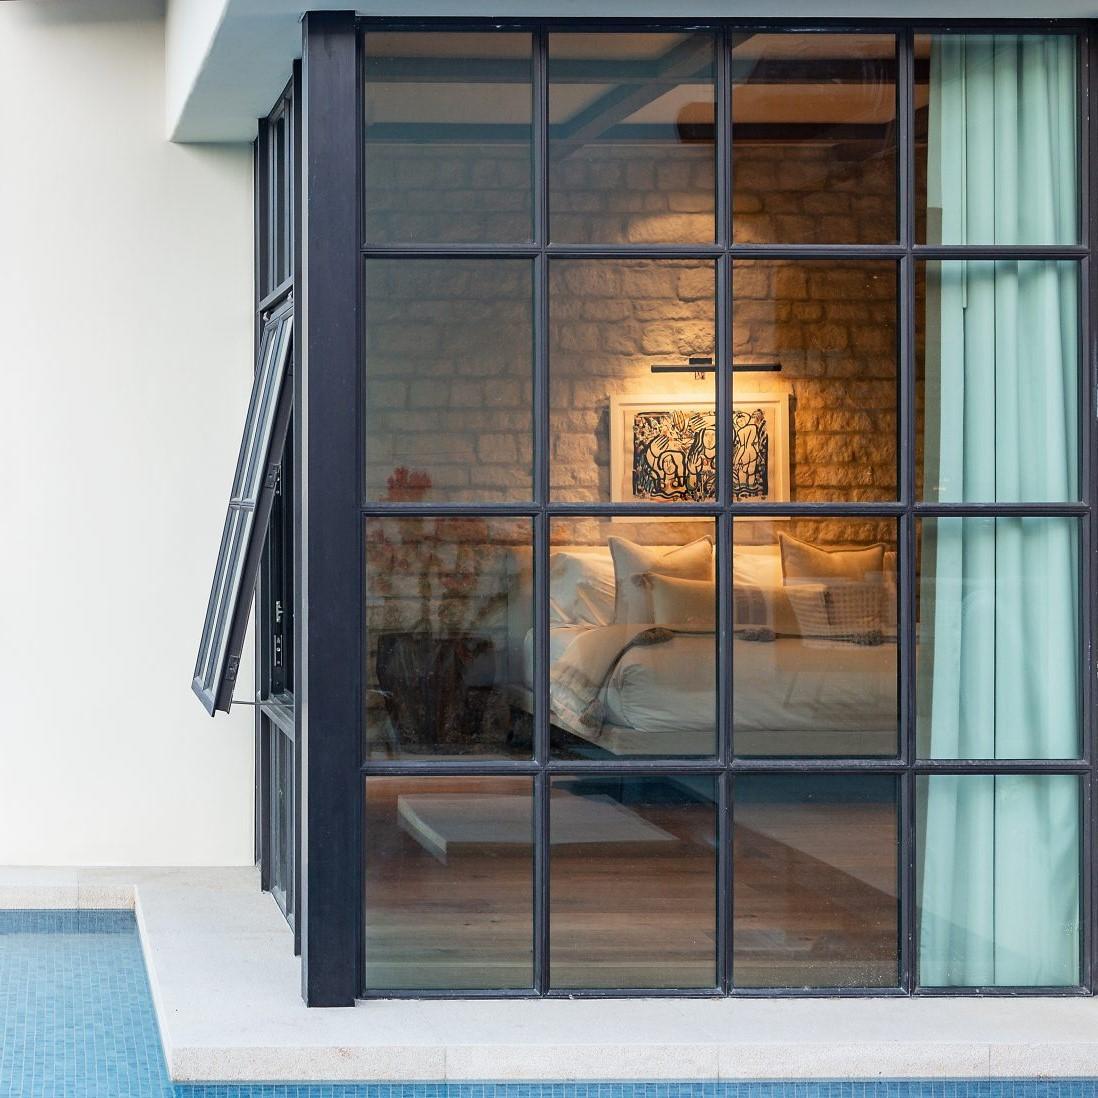 Arcadia awning windows